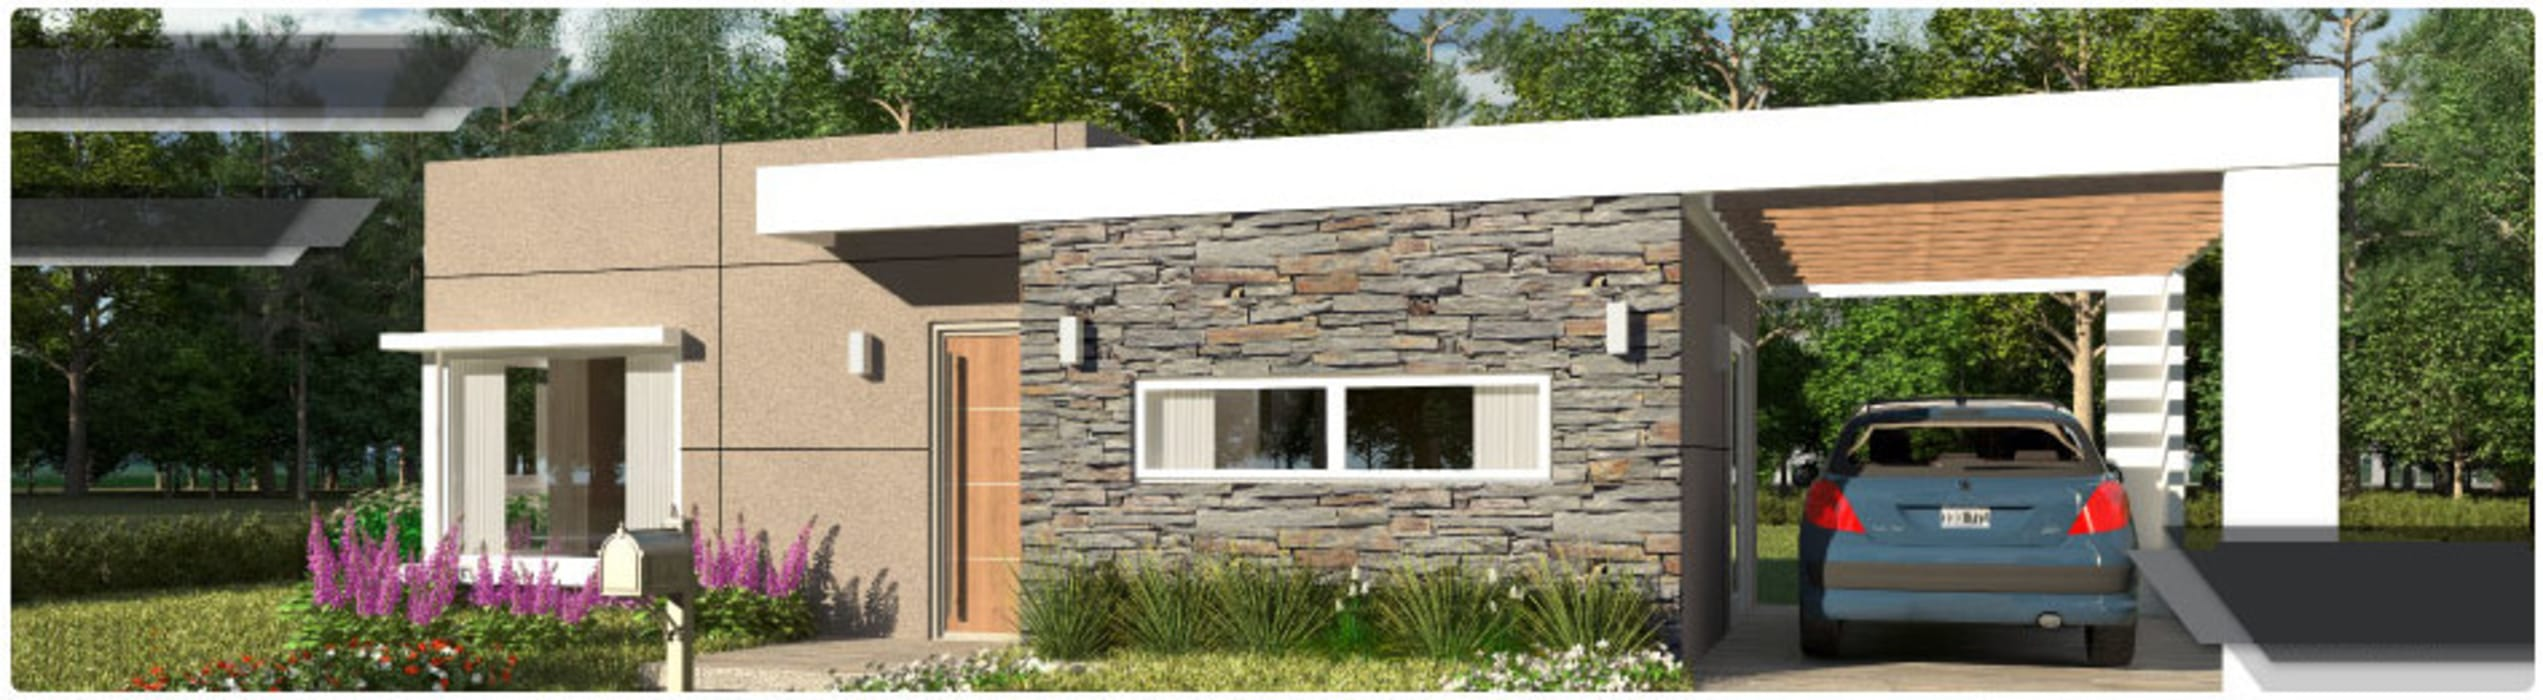 Modelo ELEGANCE: Casas de estilo moderno por ARQUIHOUSE